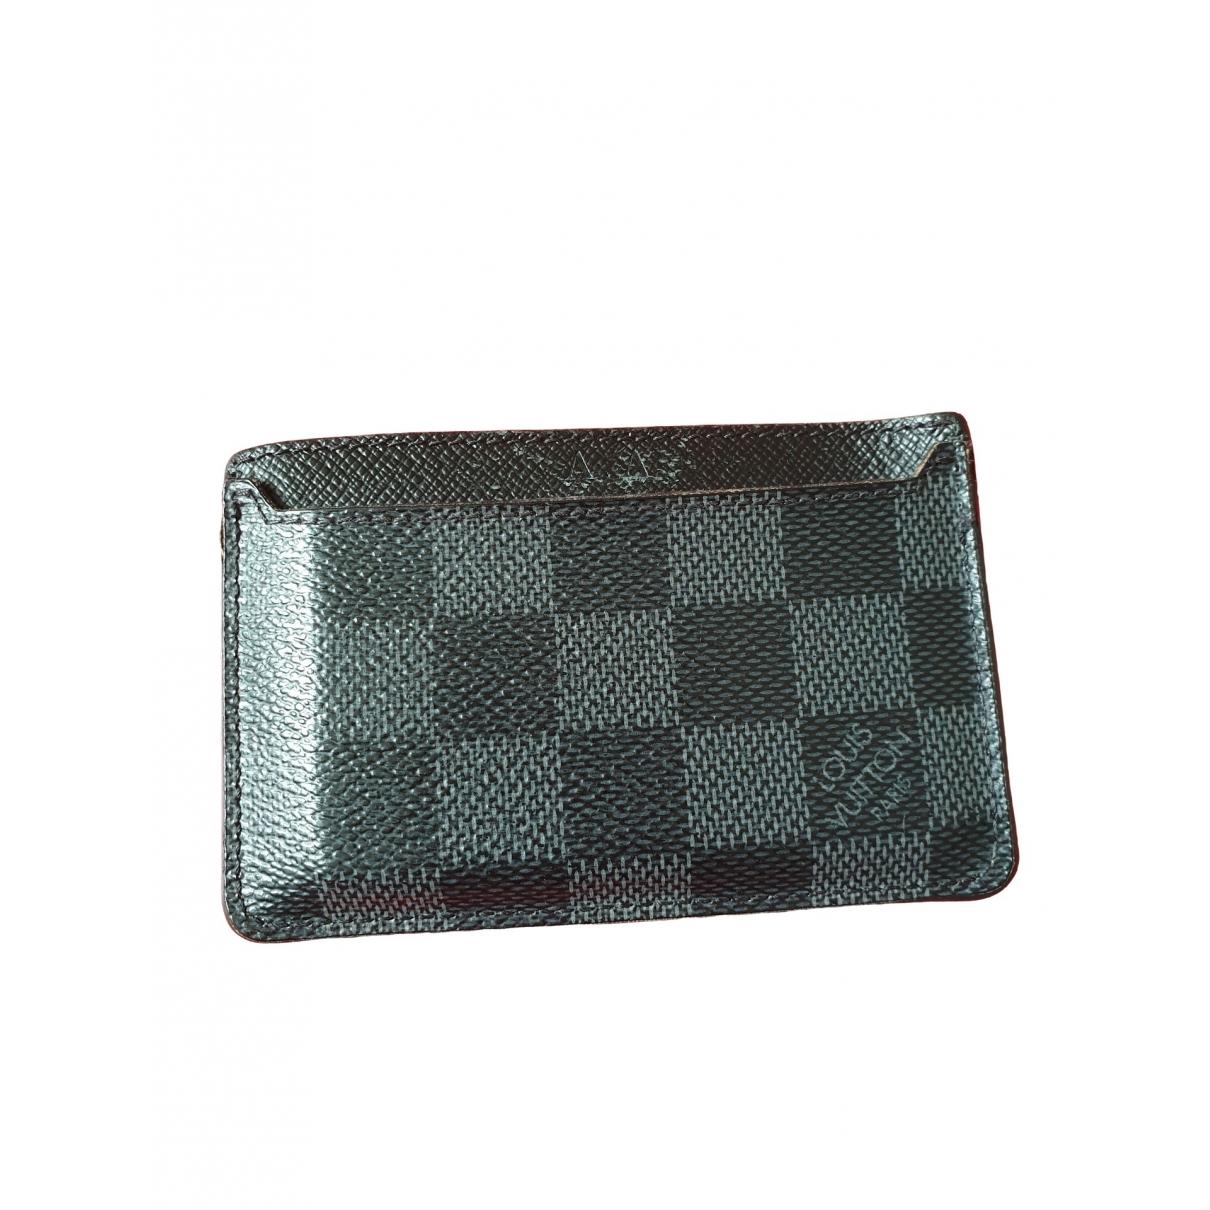 Louis Vuitton - Petite maroquinerie   pour homme en toile - anthracite